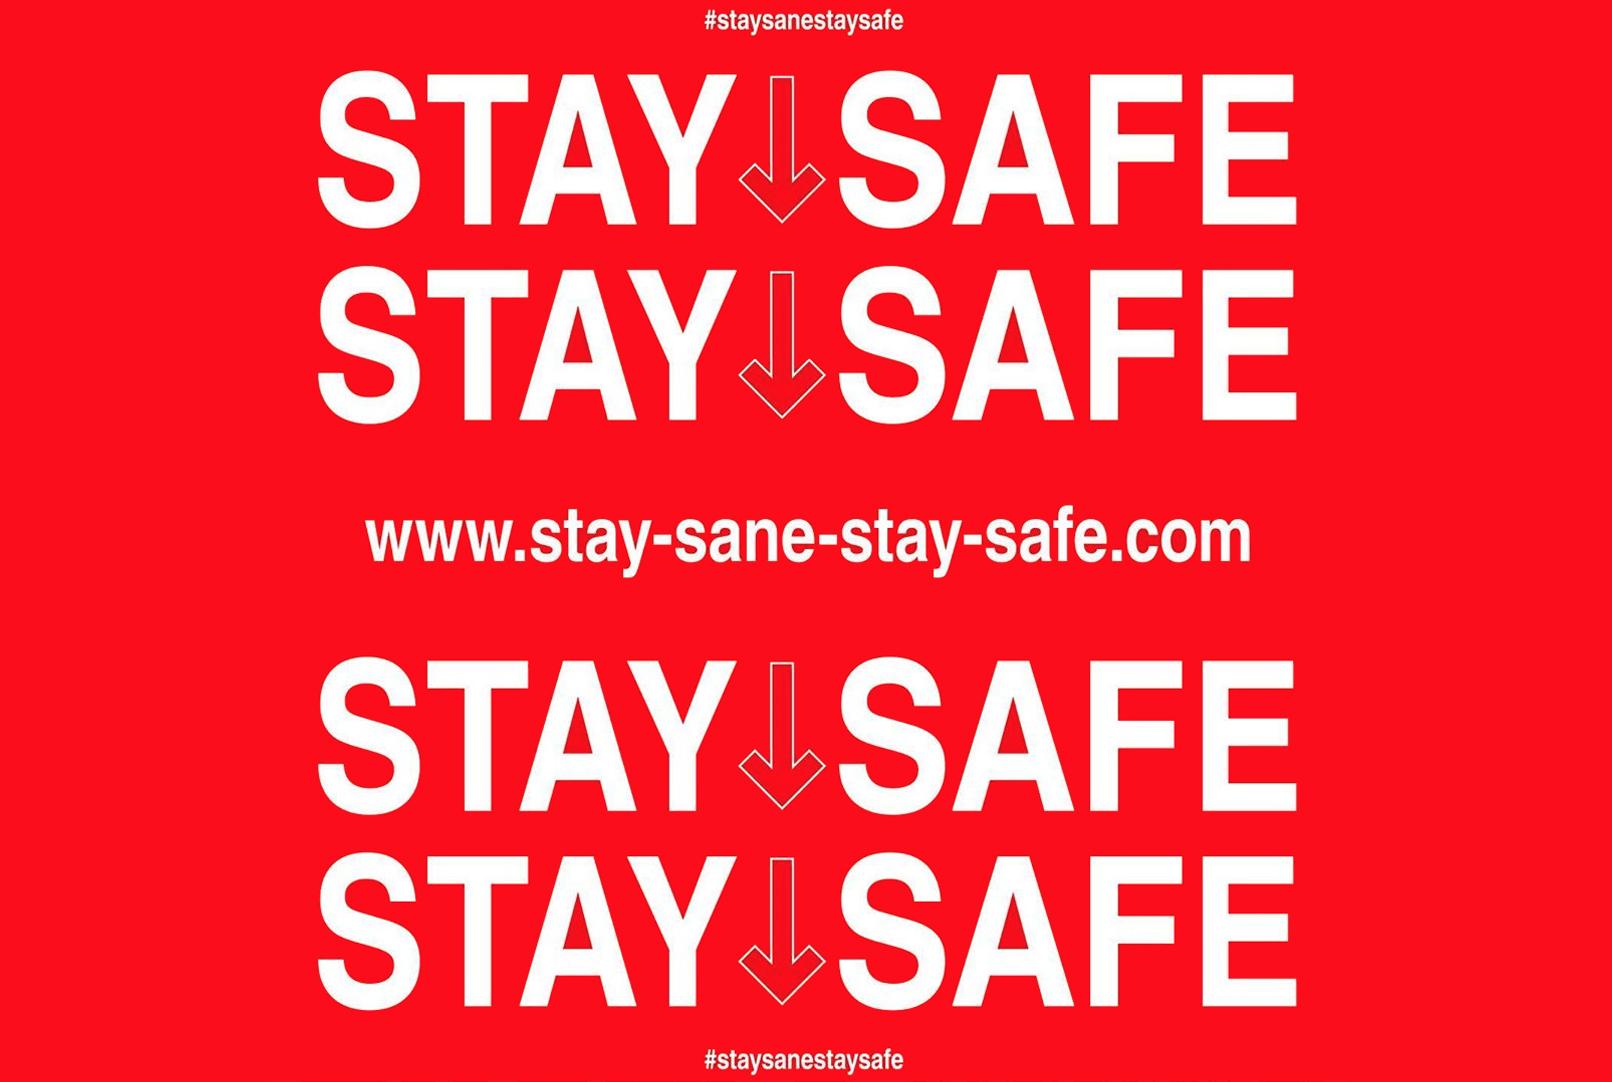 Stay Sane Stay Safe